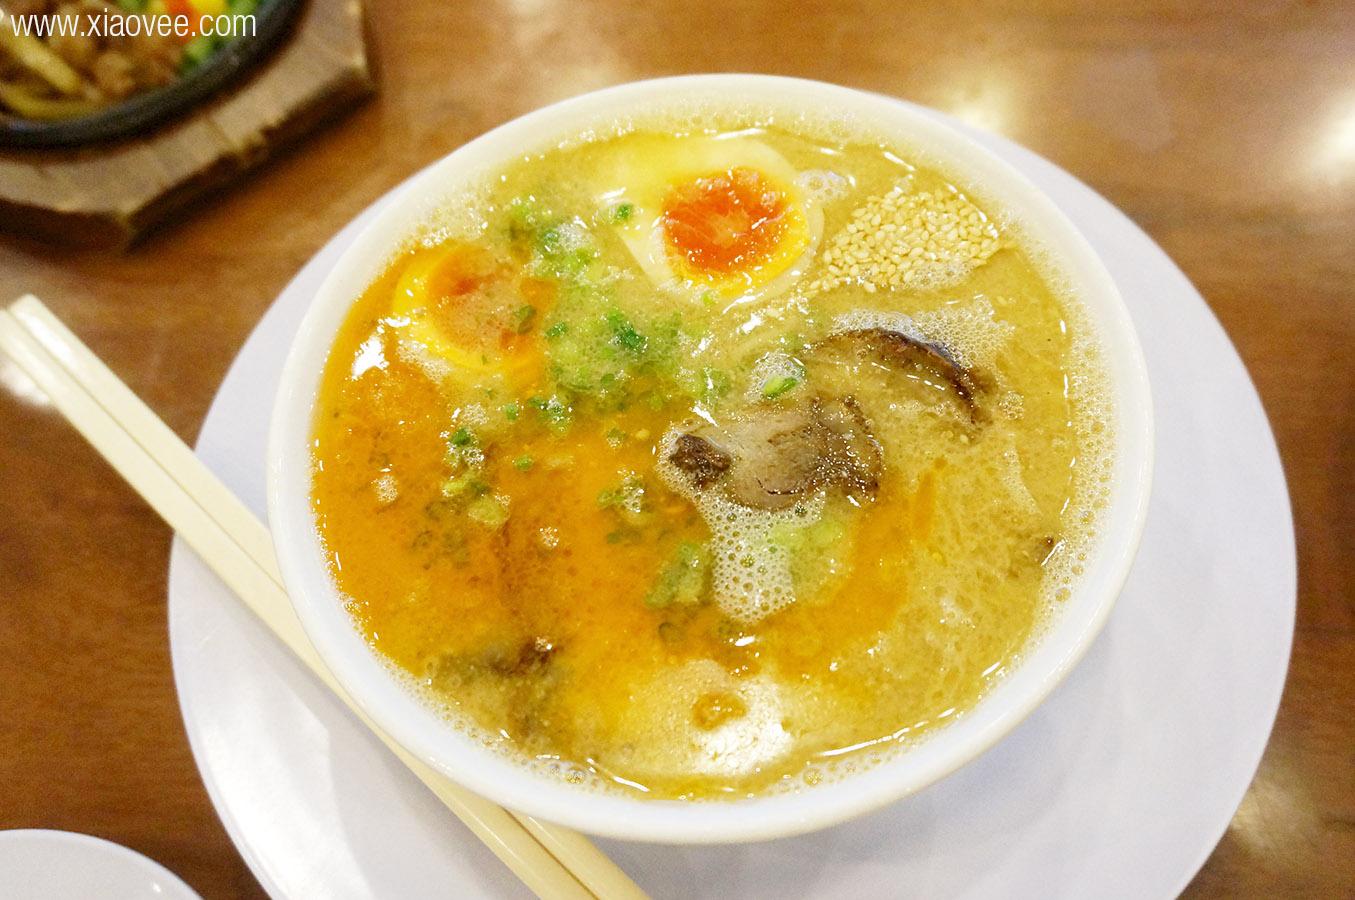 Hakata Ikkousha Surabaya, Hakata Ikkousha Manyar Kertoarjo Review, Recommended Ramen in Surabaya, Best Ramen in Surabaya